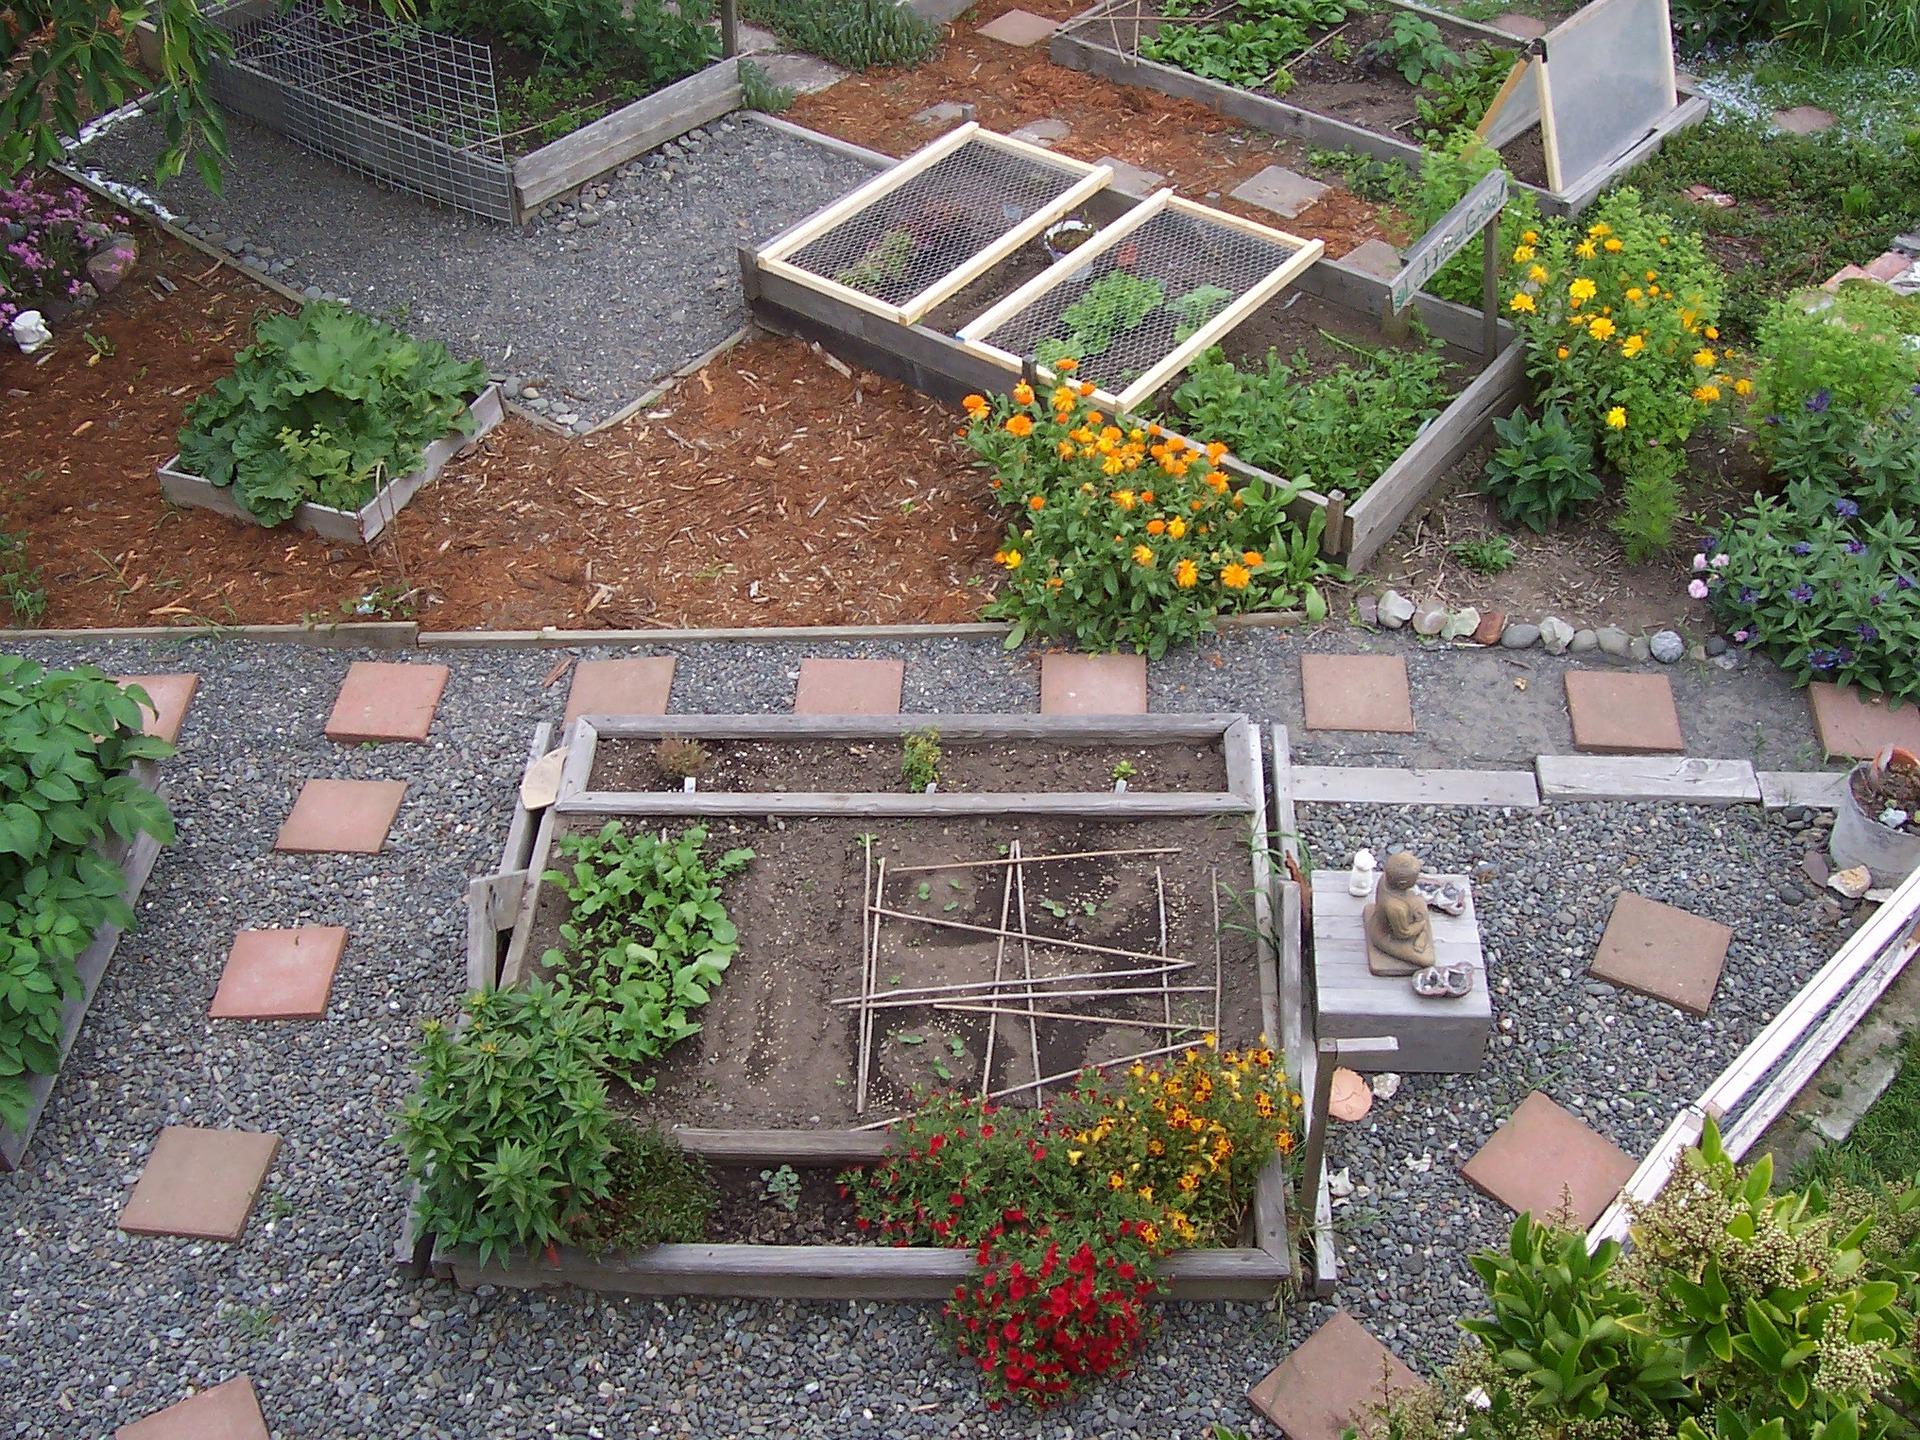 Een natuurlijk stukje tuin in de stad